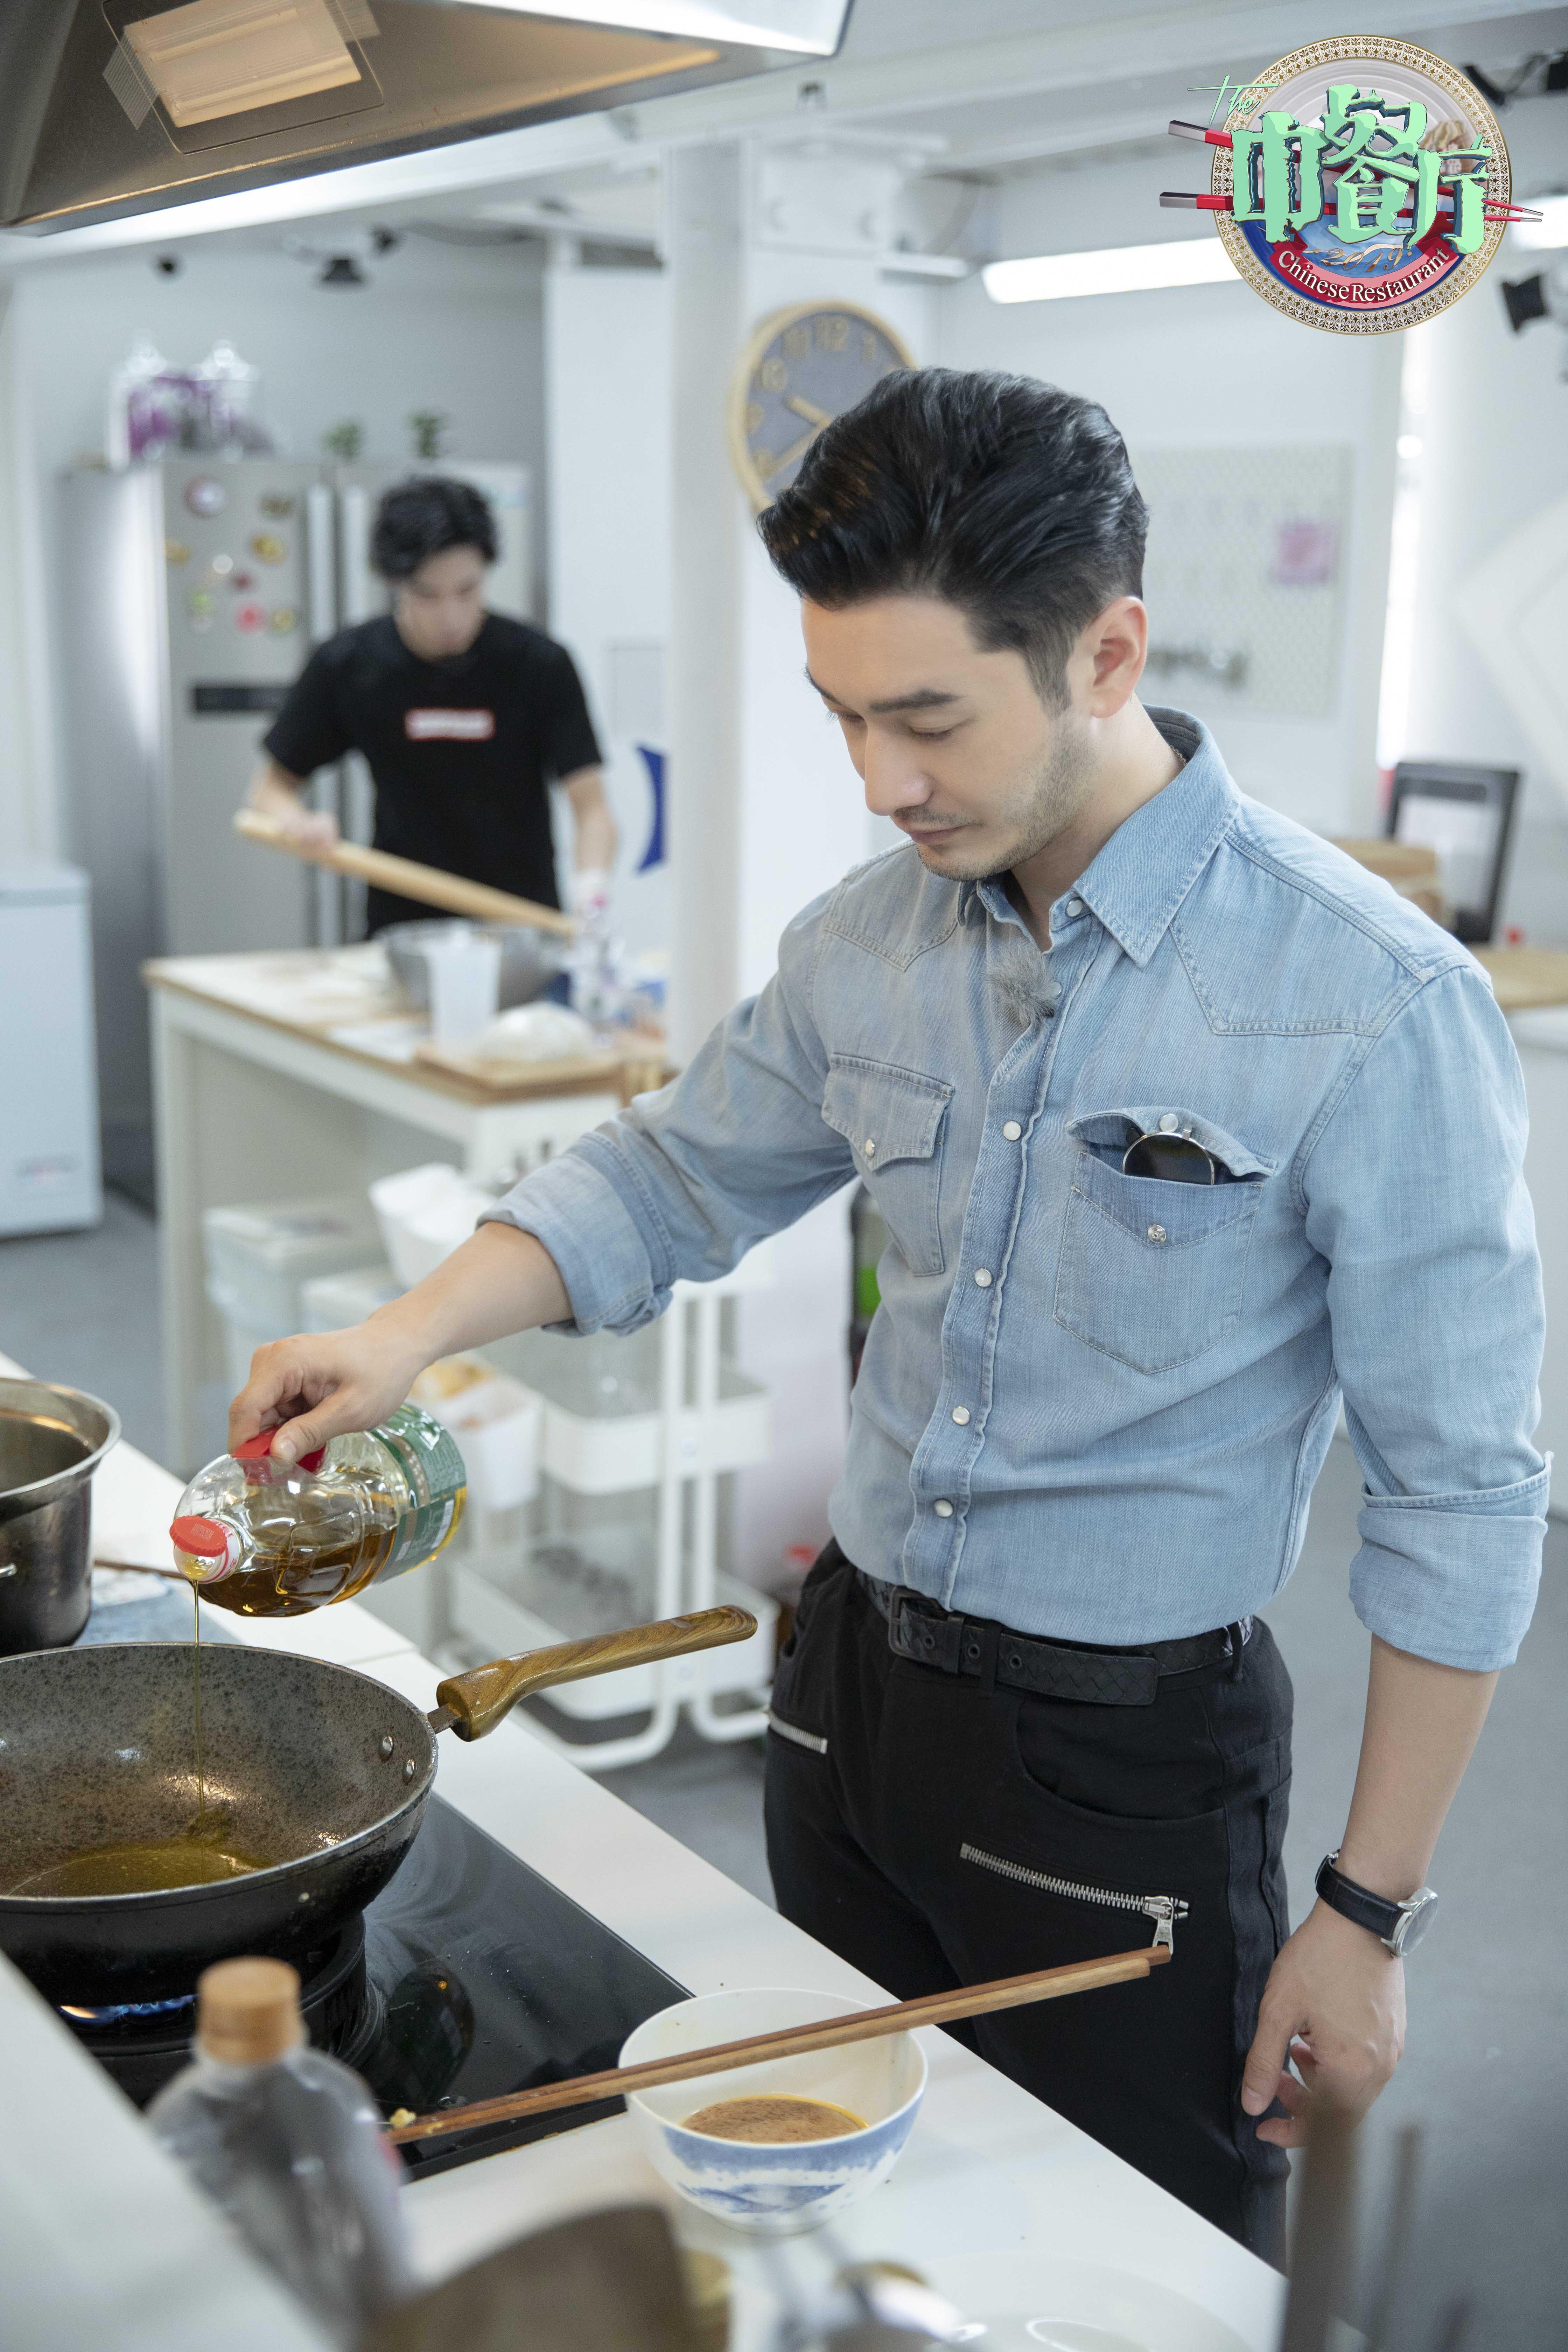 黄晓明《中餐厅》自我检讨态度真诚在线送冰箱引全网热议